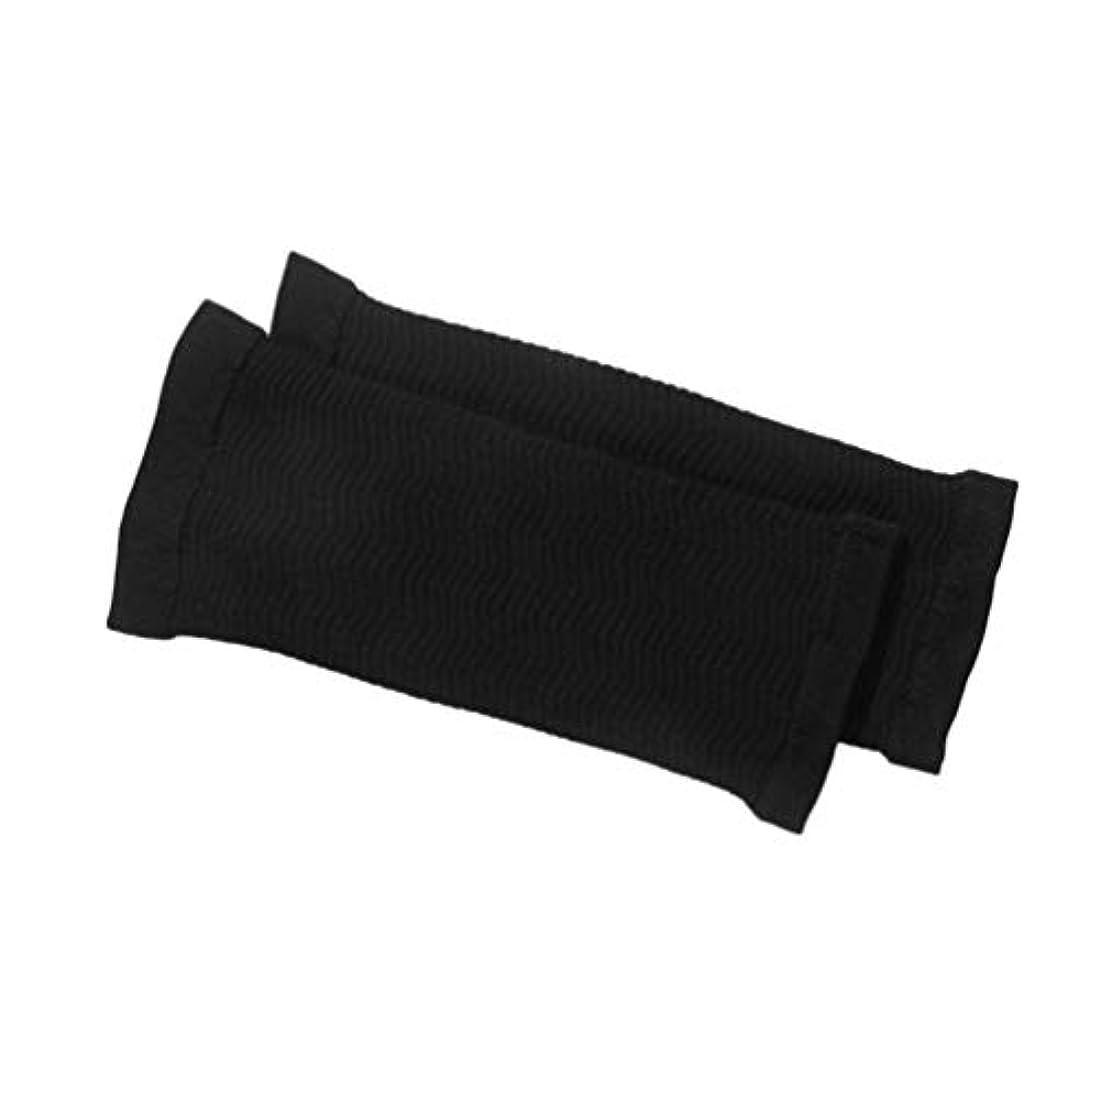 再現するリブより良い1ペア420 D圧縮痩身アームスリーブワークアウトトーニングバーンセルライトシェイパー脂肪燃焼袖用女性 - 黒